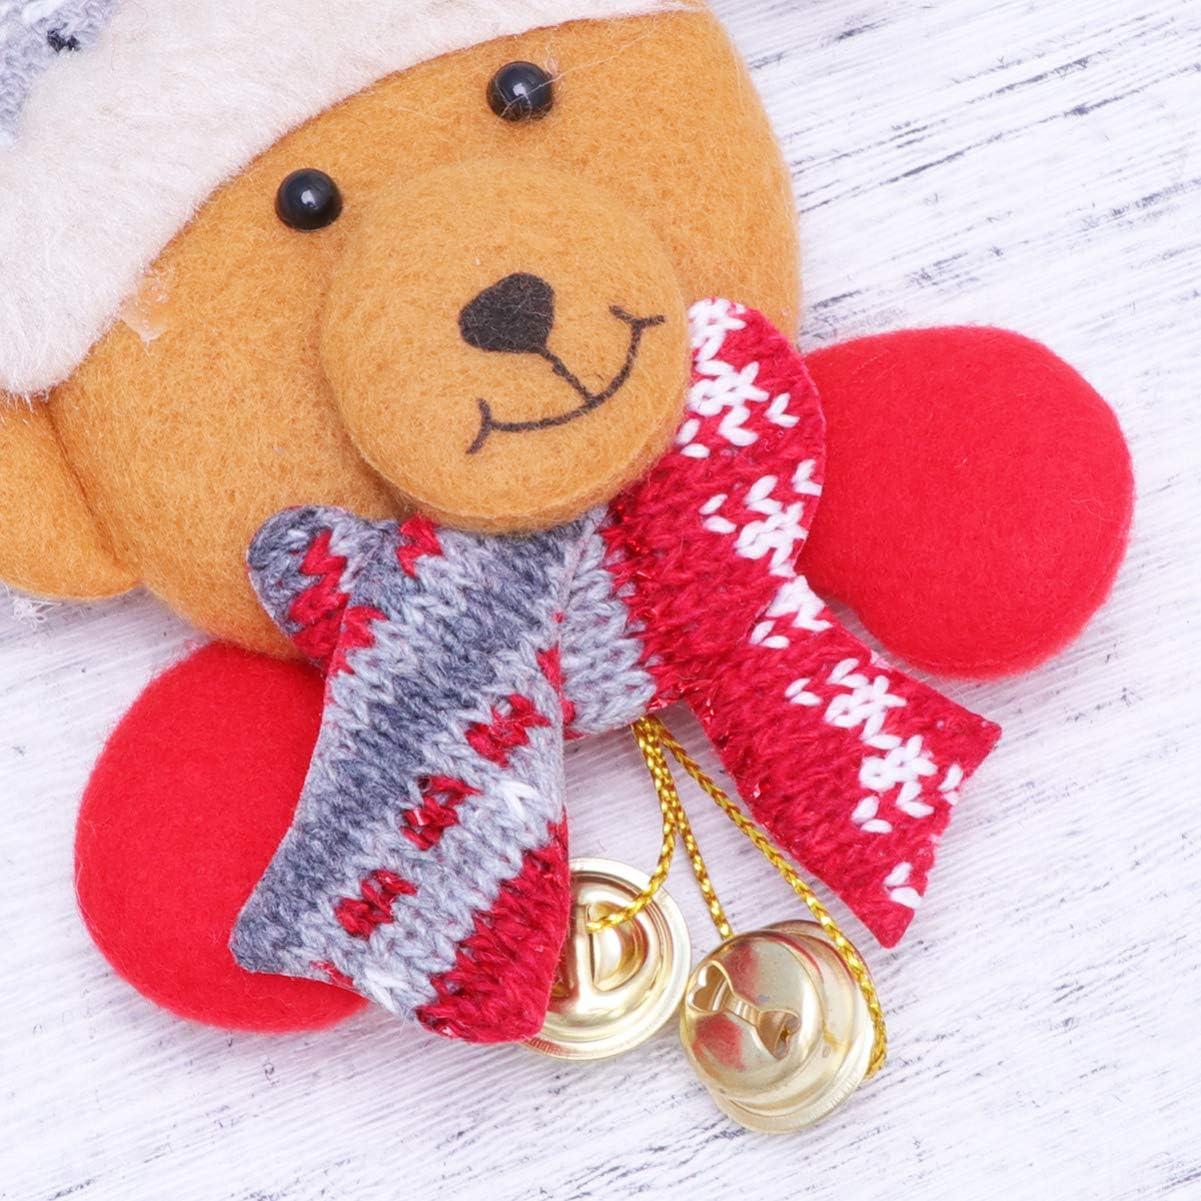 STOBOK Weihnachten f/ührte B/ärnglocken-Funkelnabzeichen der Broschen leuchtende Brosche f/ür Weihnachtskindergeschenk-Parteibevorzugungen